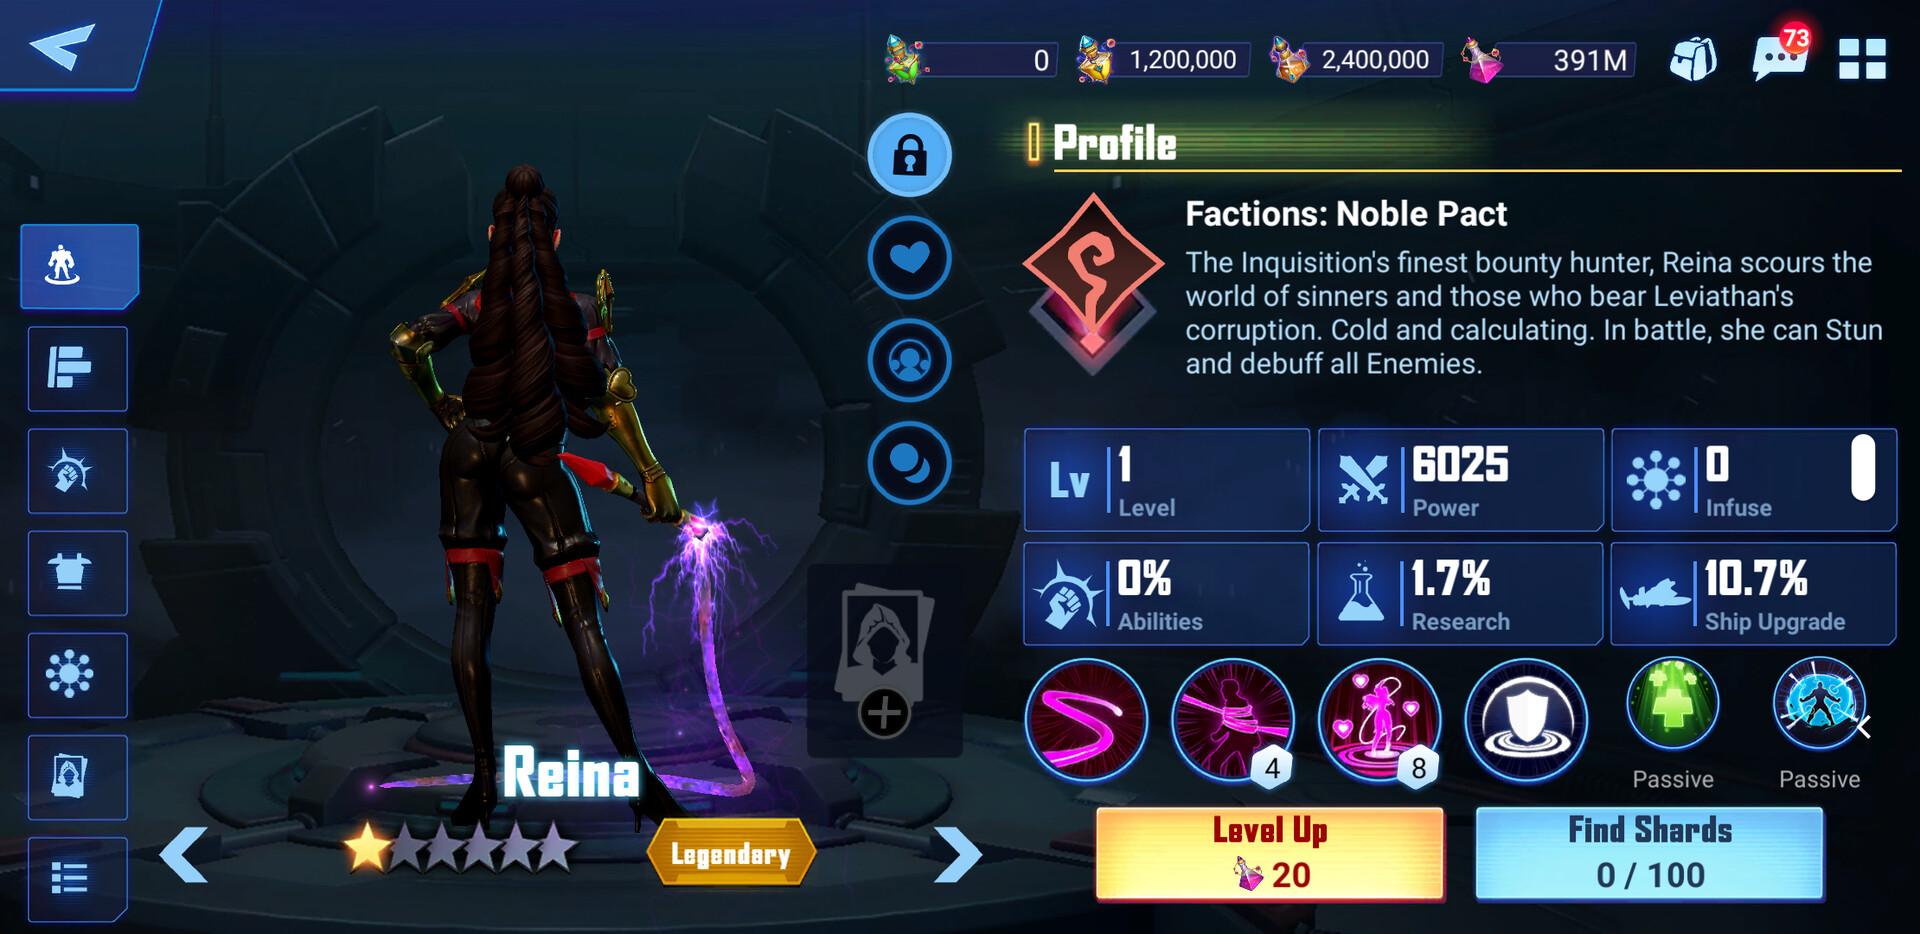 Reina in-game shot